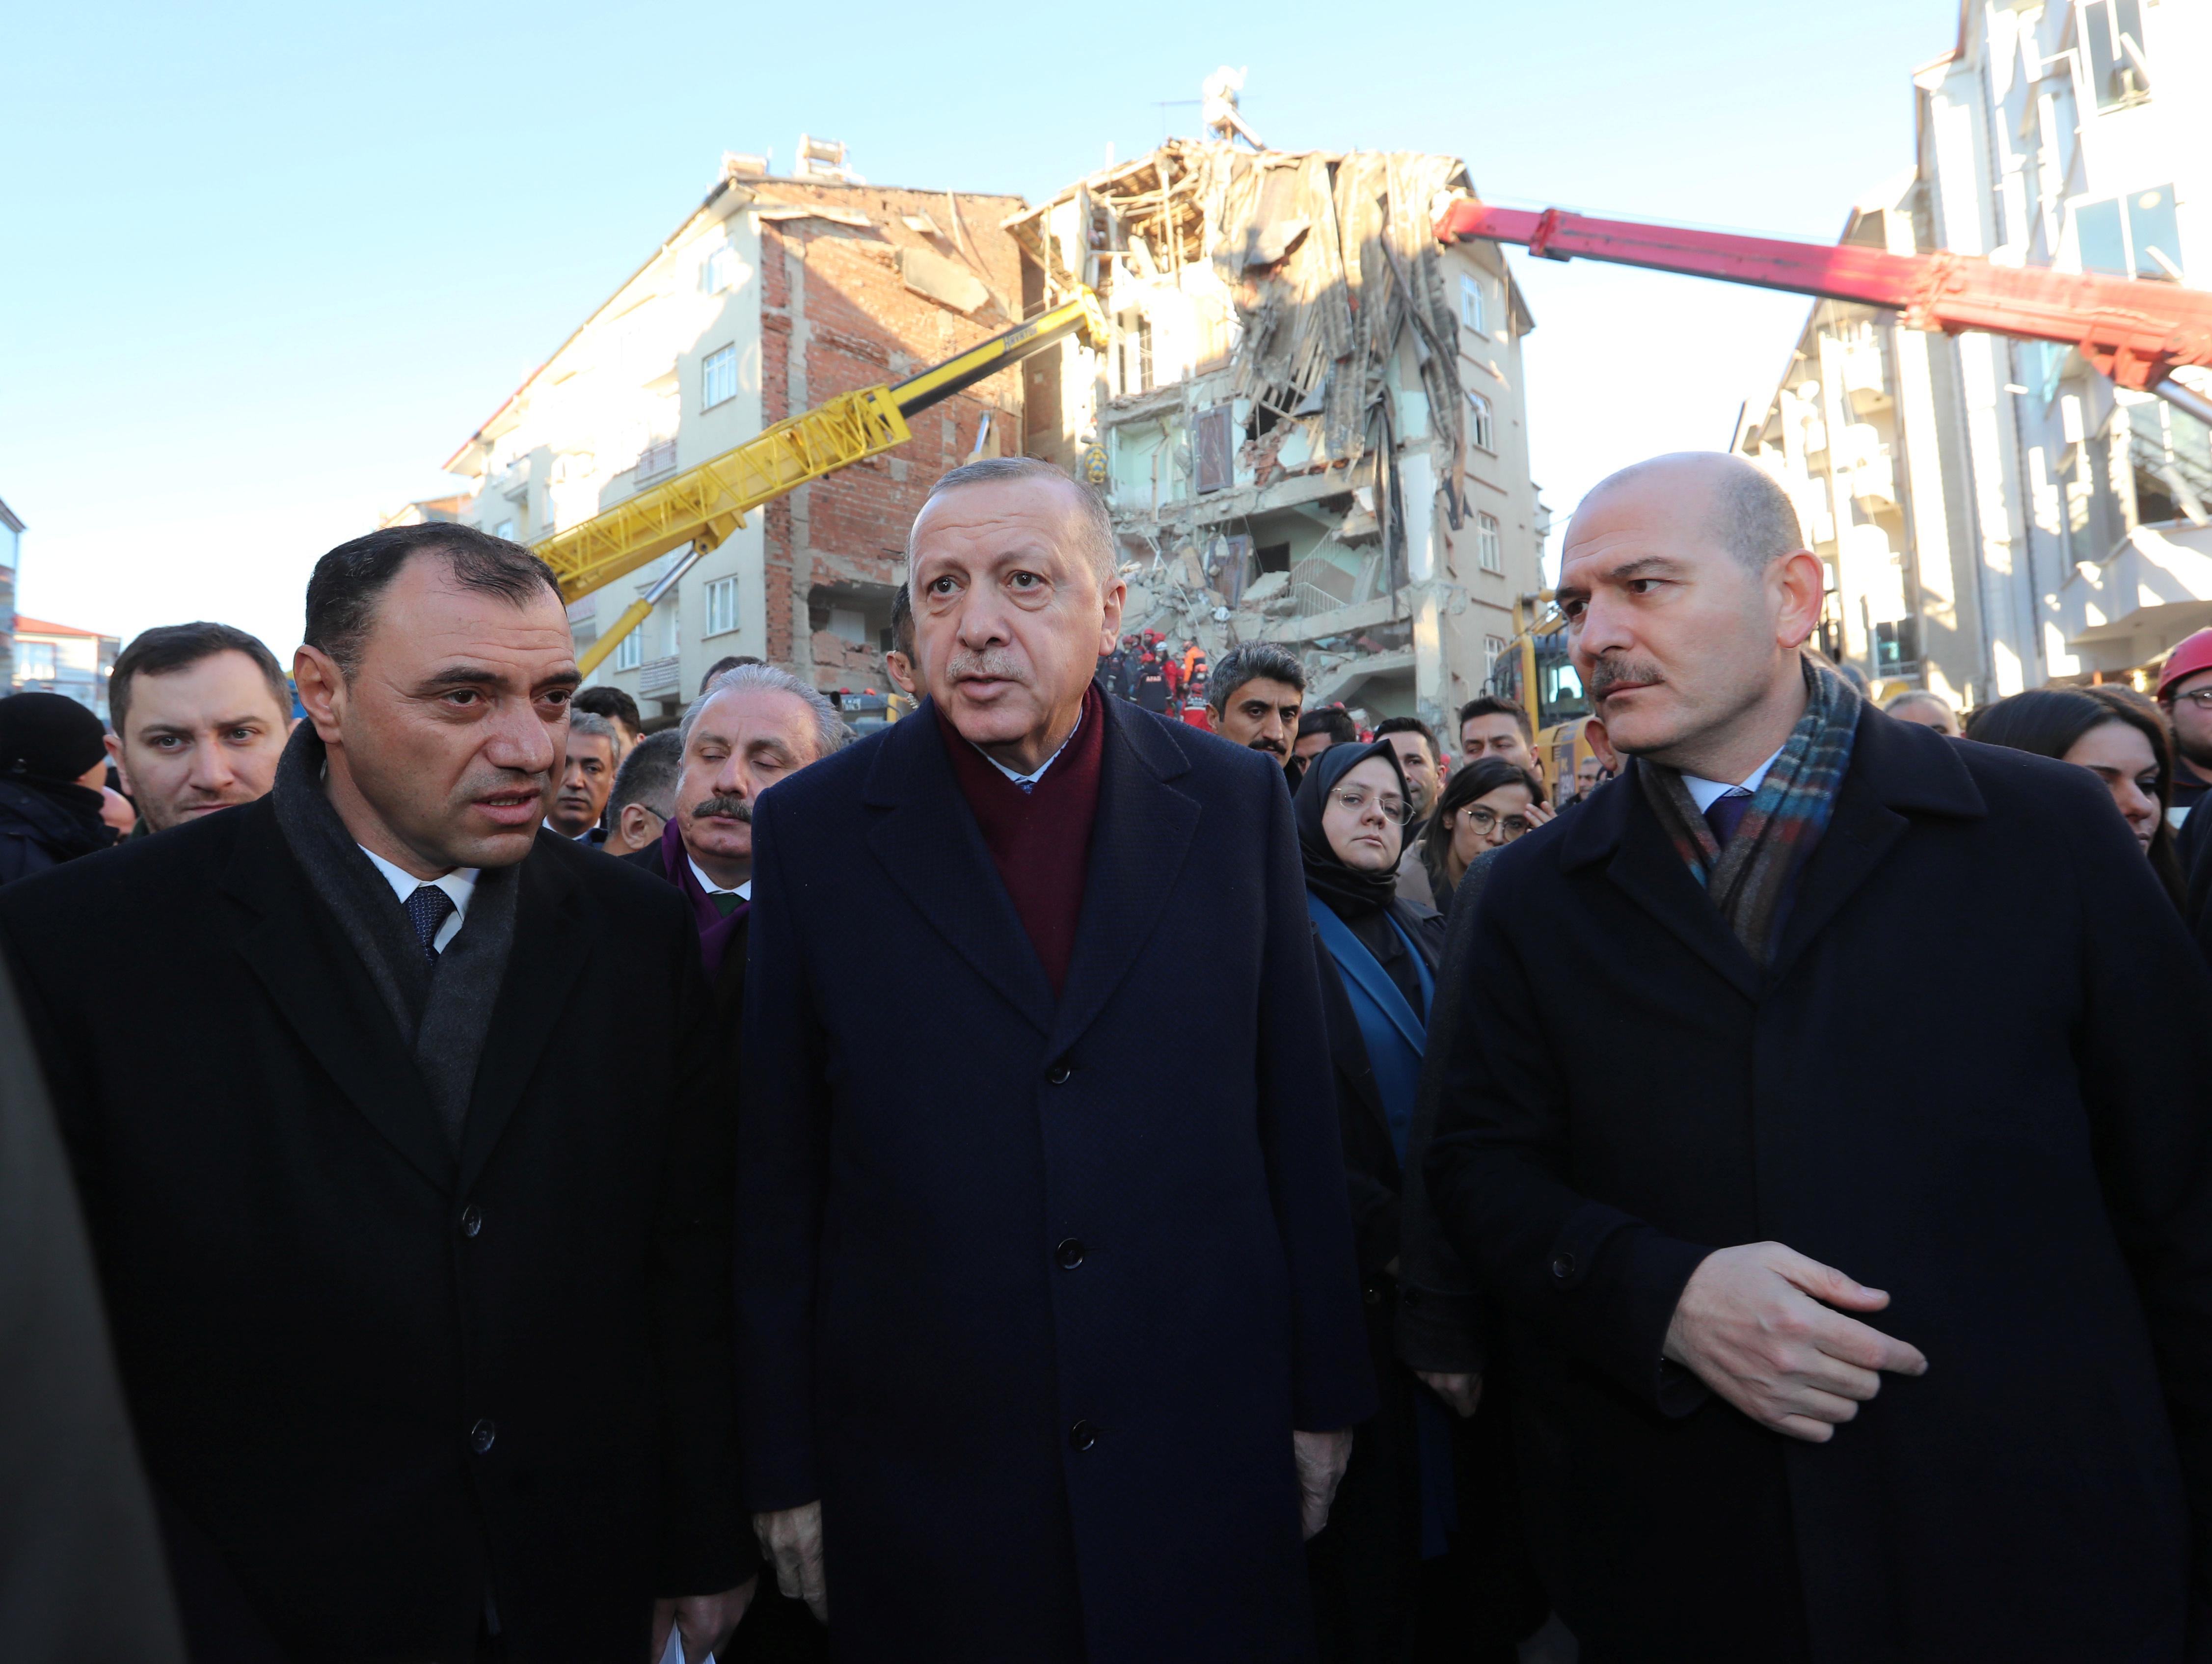 Τουρκία: Η στιγμή που ο Ερντογάν έζησε μετασεισμό 5,1 Ρίχτερ [video]